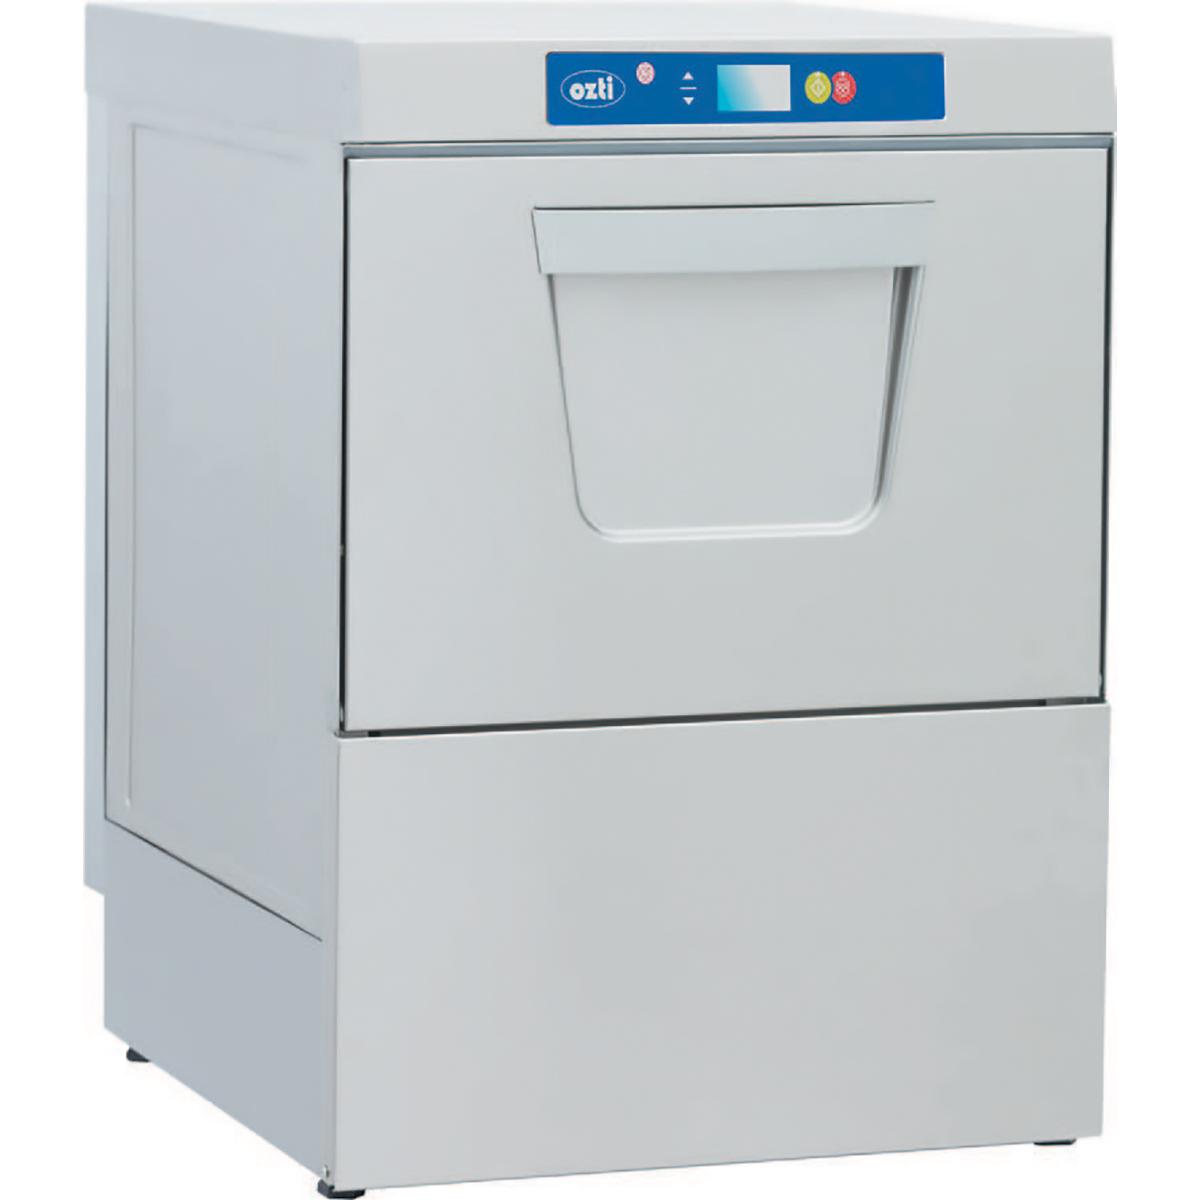 Dijital Tezgah Altı Bulaşık Makinesi